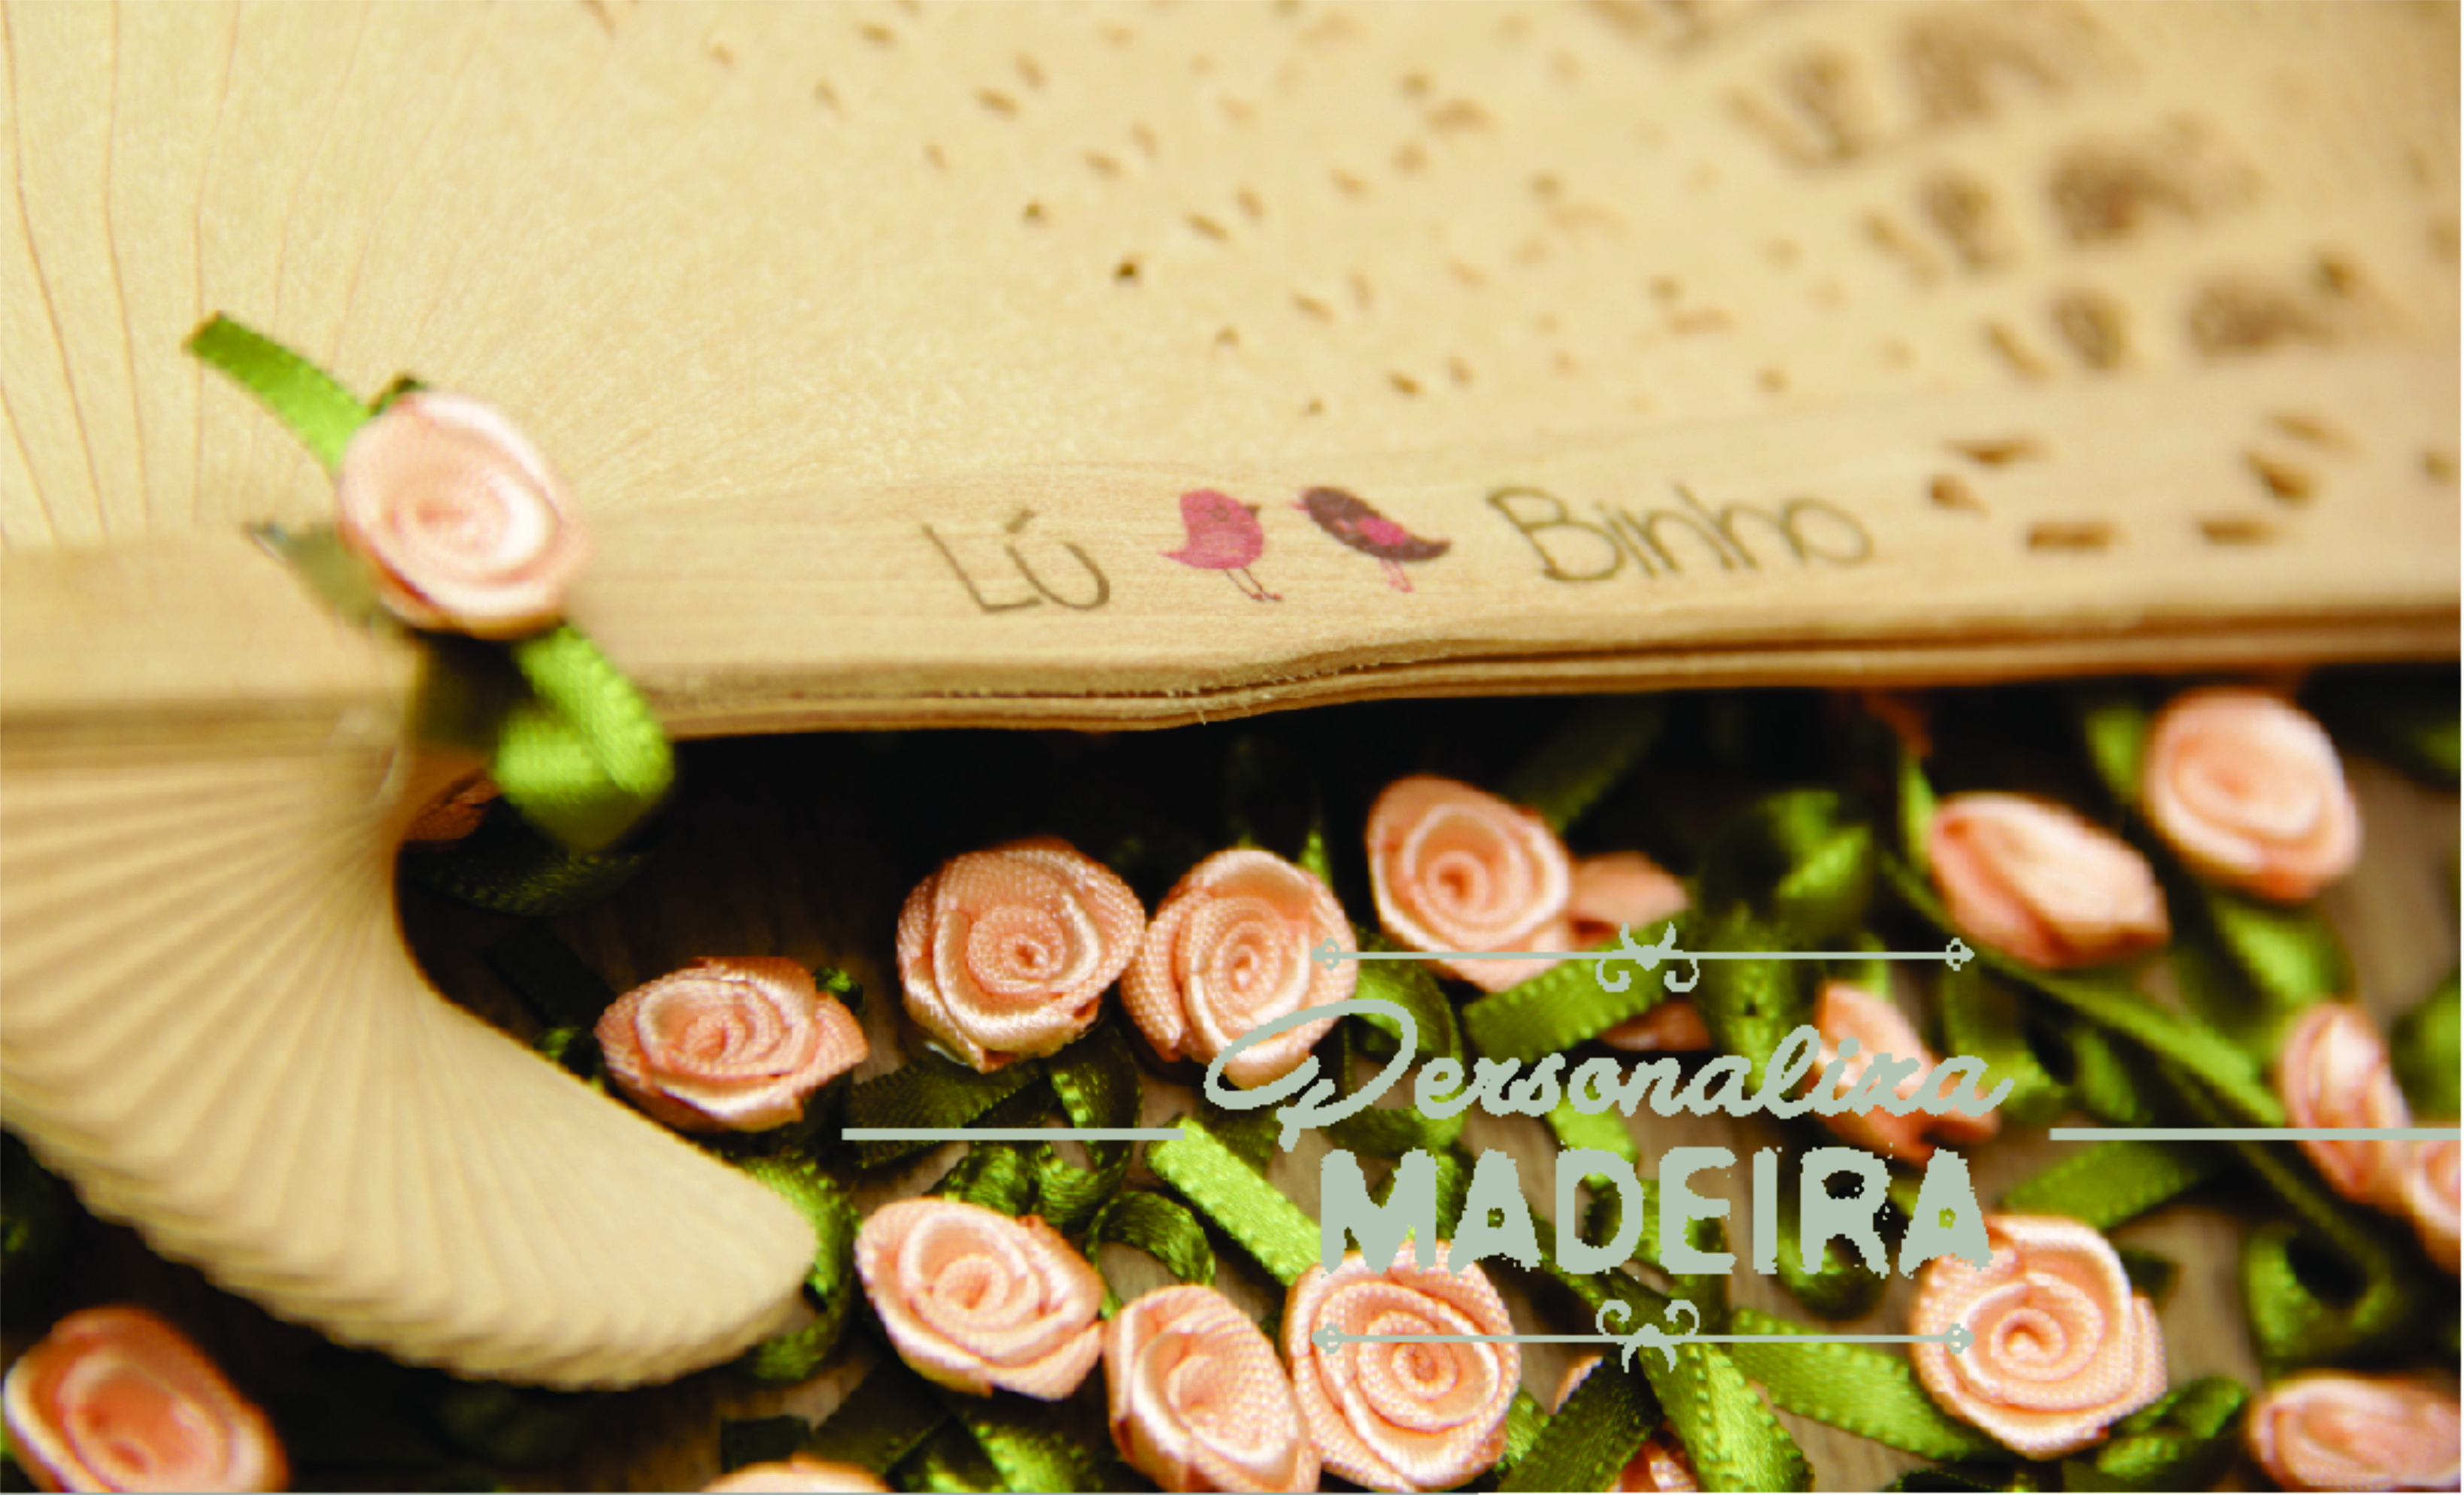 Leque com rococo, impressão direto na madeira, lindo! veja mais em www.personalizamadeira.com.br